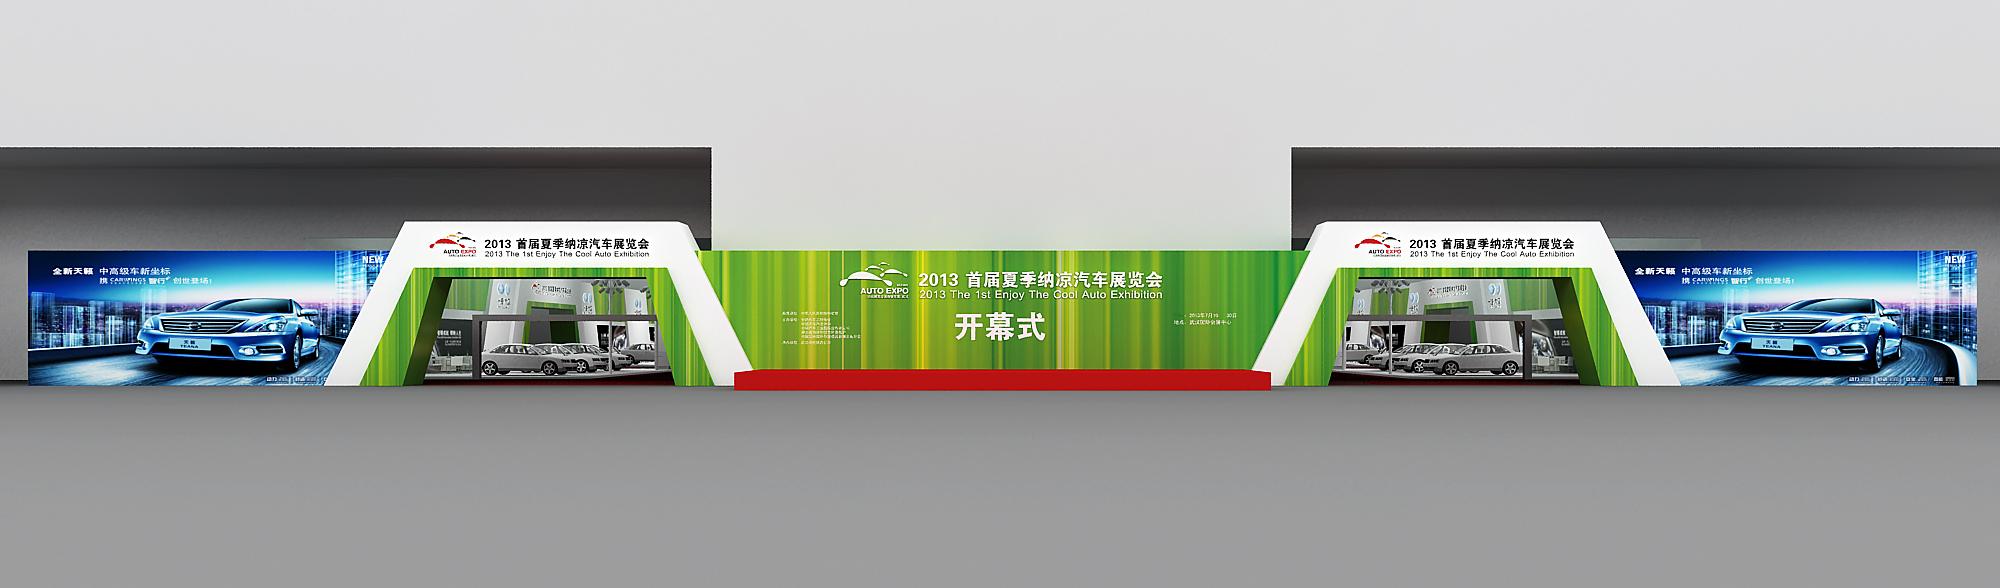 2013首届纳凉汽车展